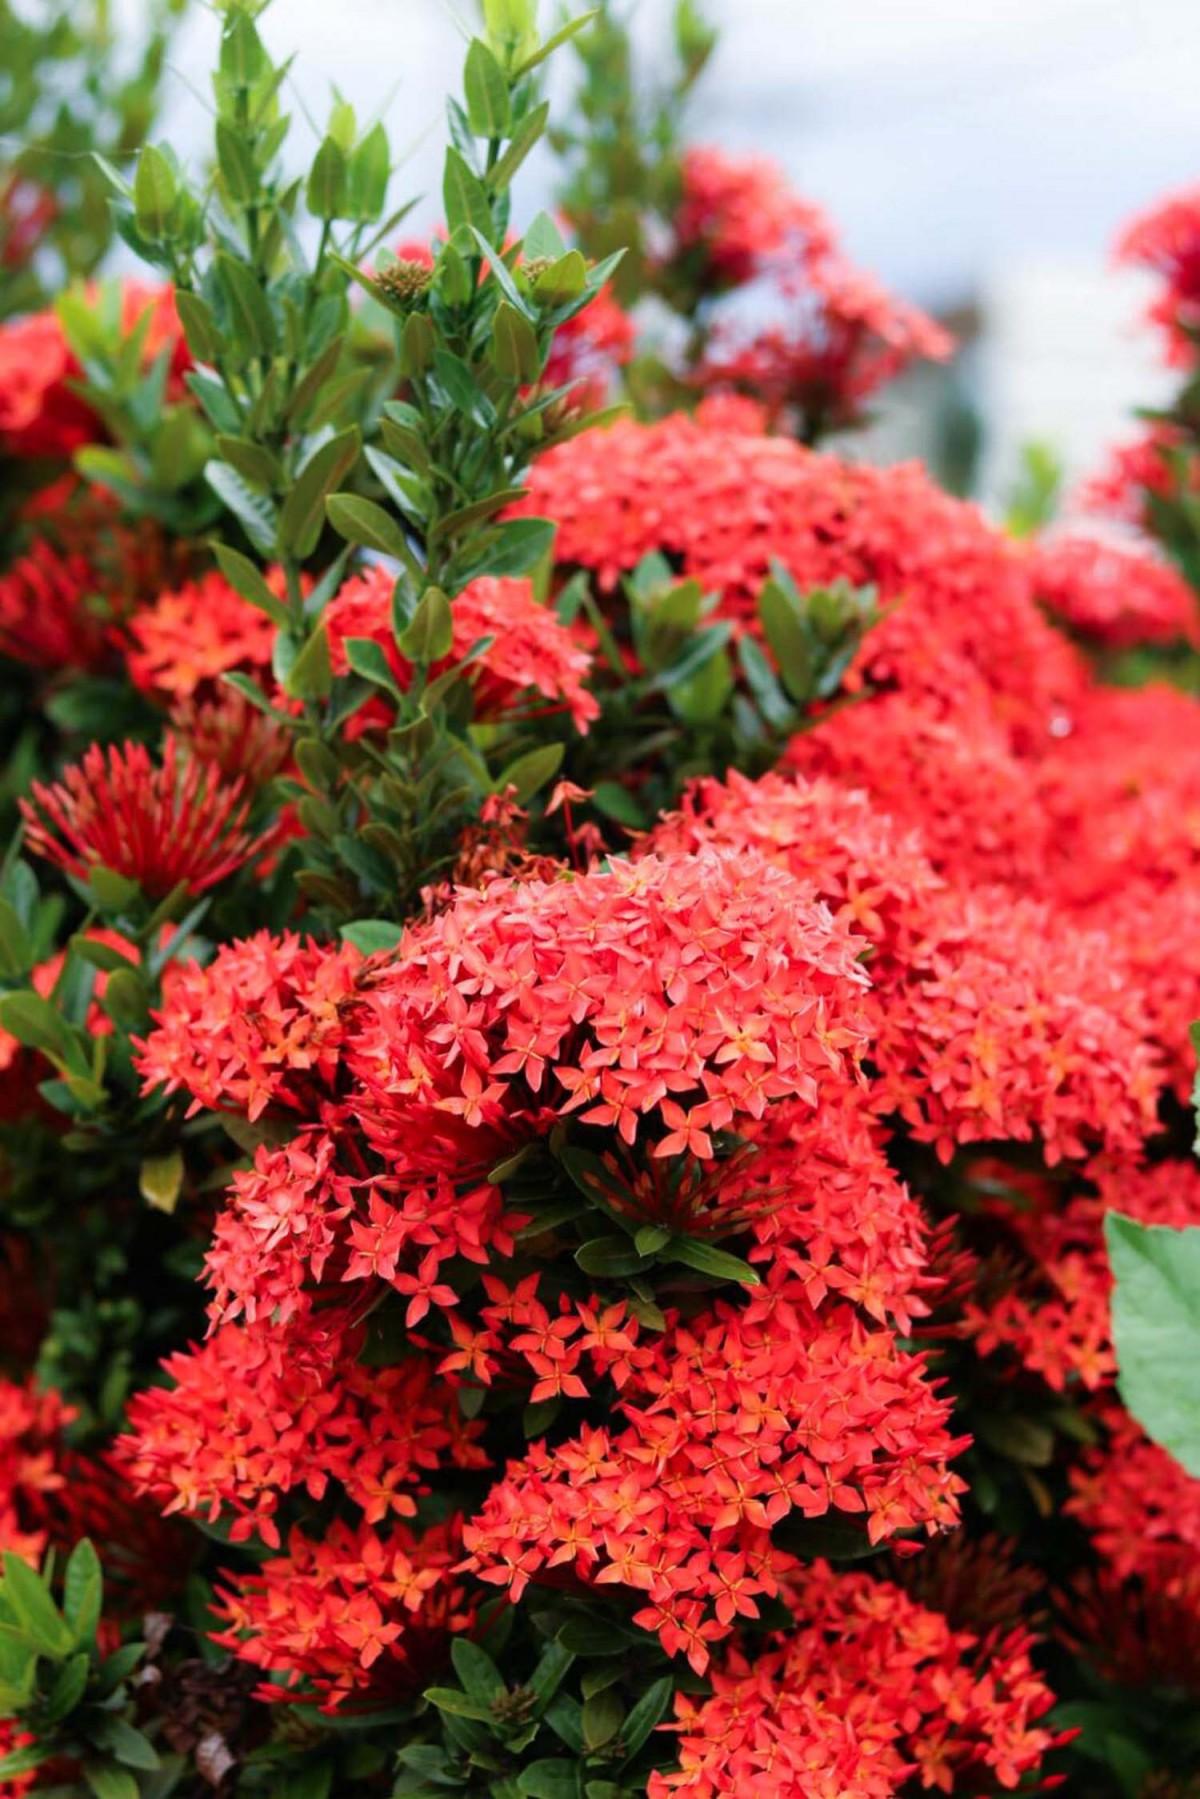 images gratuites arbre fleur rose printemps rouge botanique arbuste rhododendron. Black Bedroom Furniture Sets. Home Design Ideas